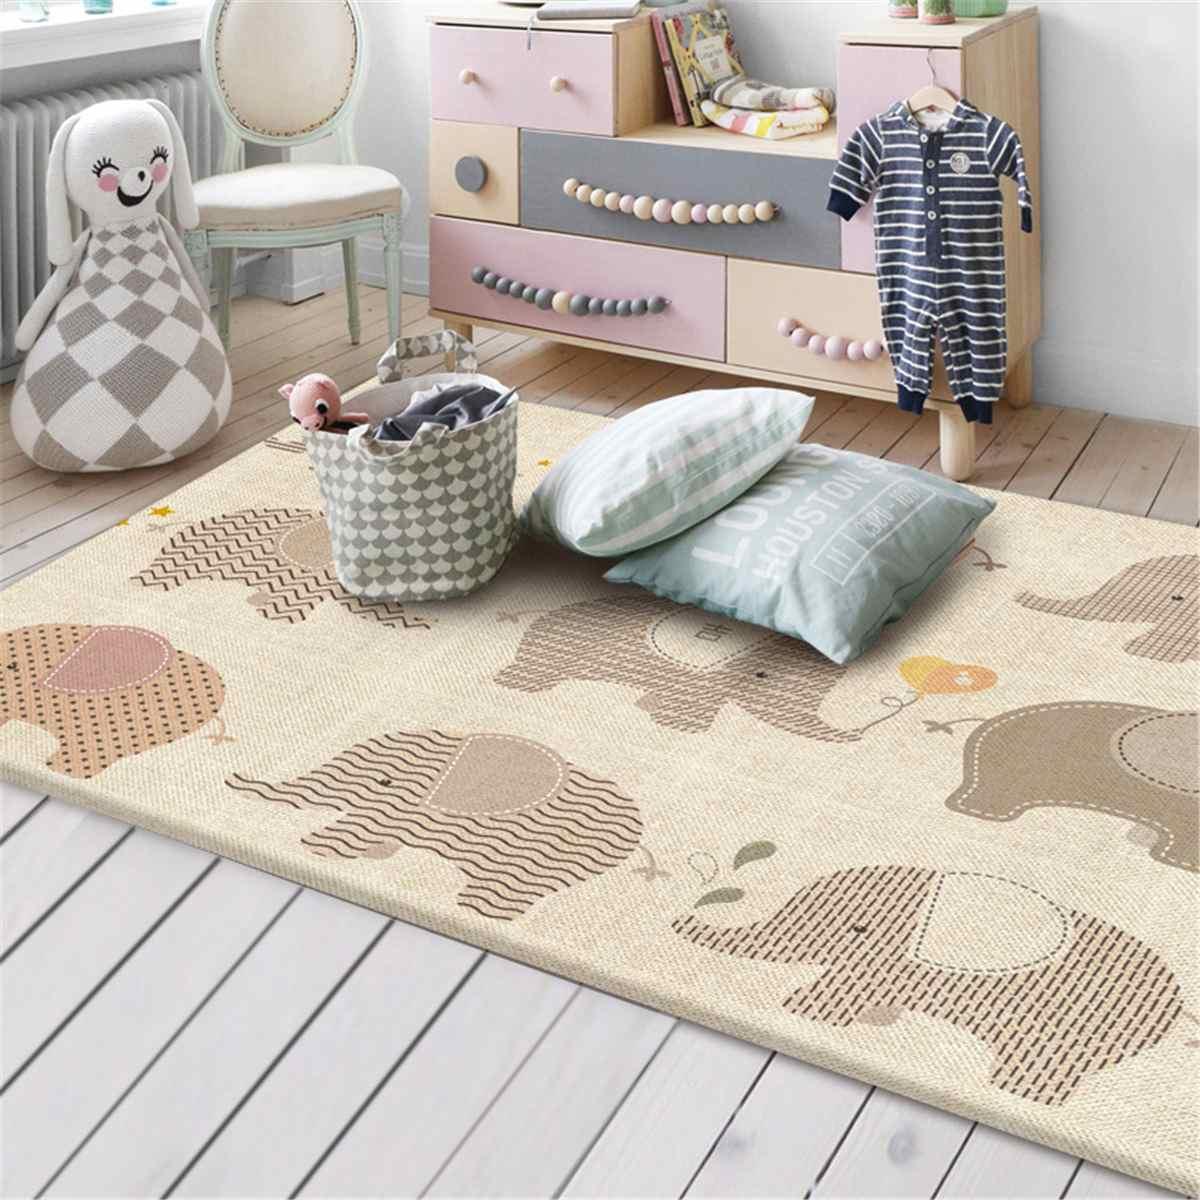 Infantile bébé tapis de jeu tapis 200*180cm doux Puzzle tapis enfant en bas âge ramper tapis de jeu tapis couverture Double face Tapete Infantil